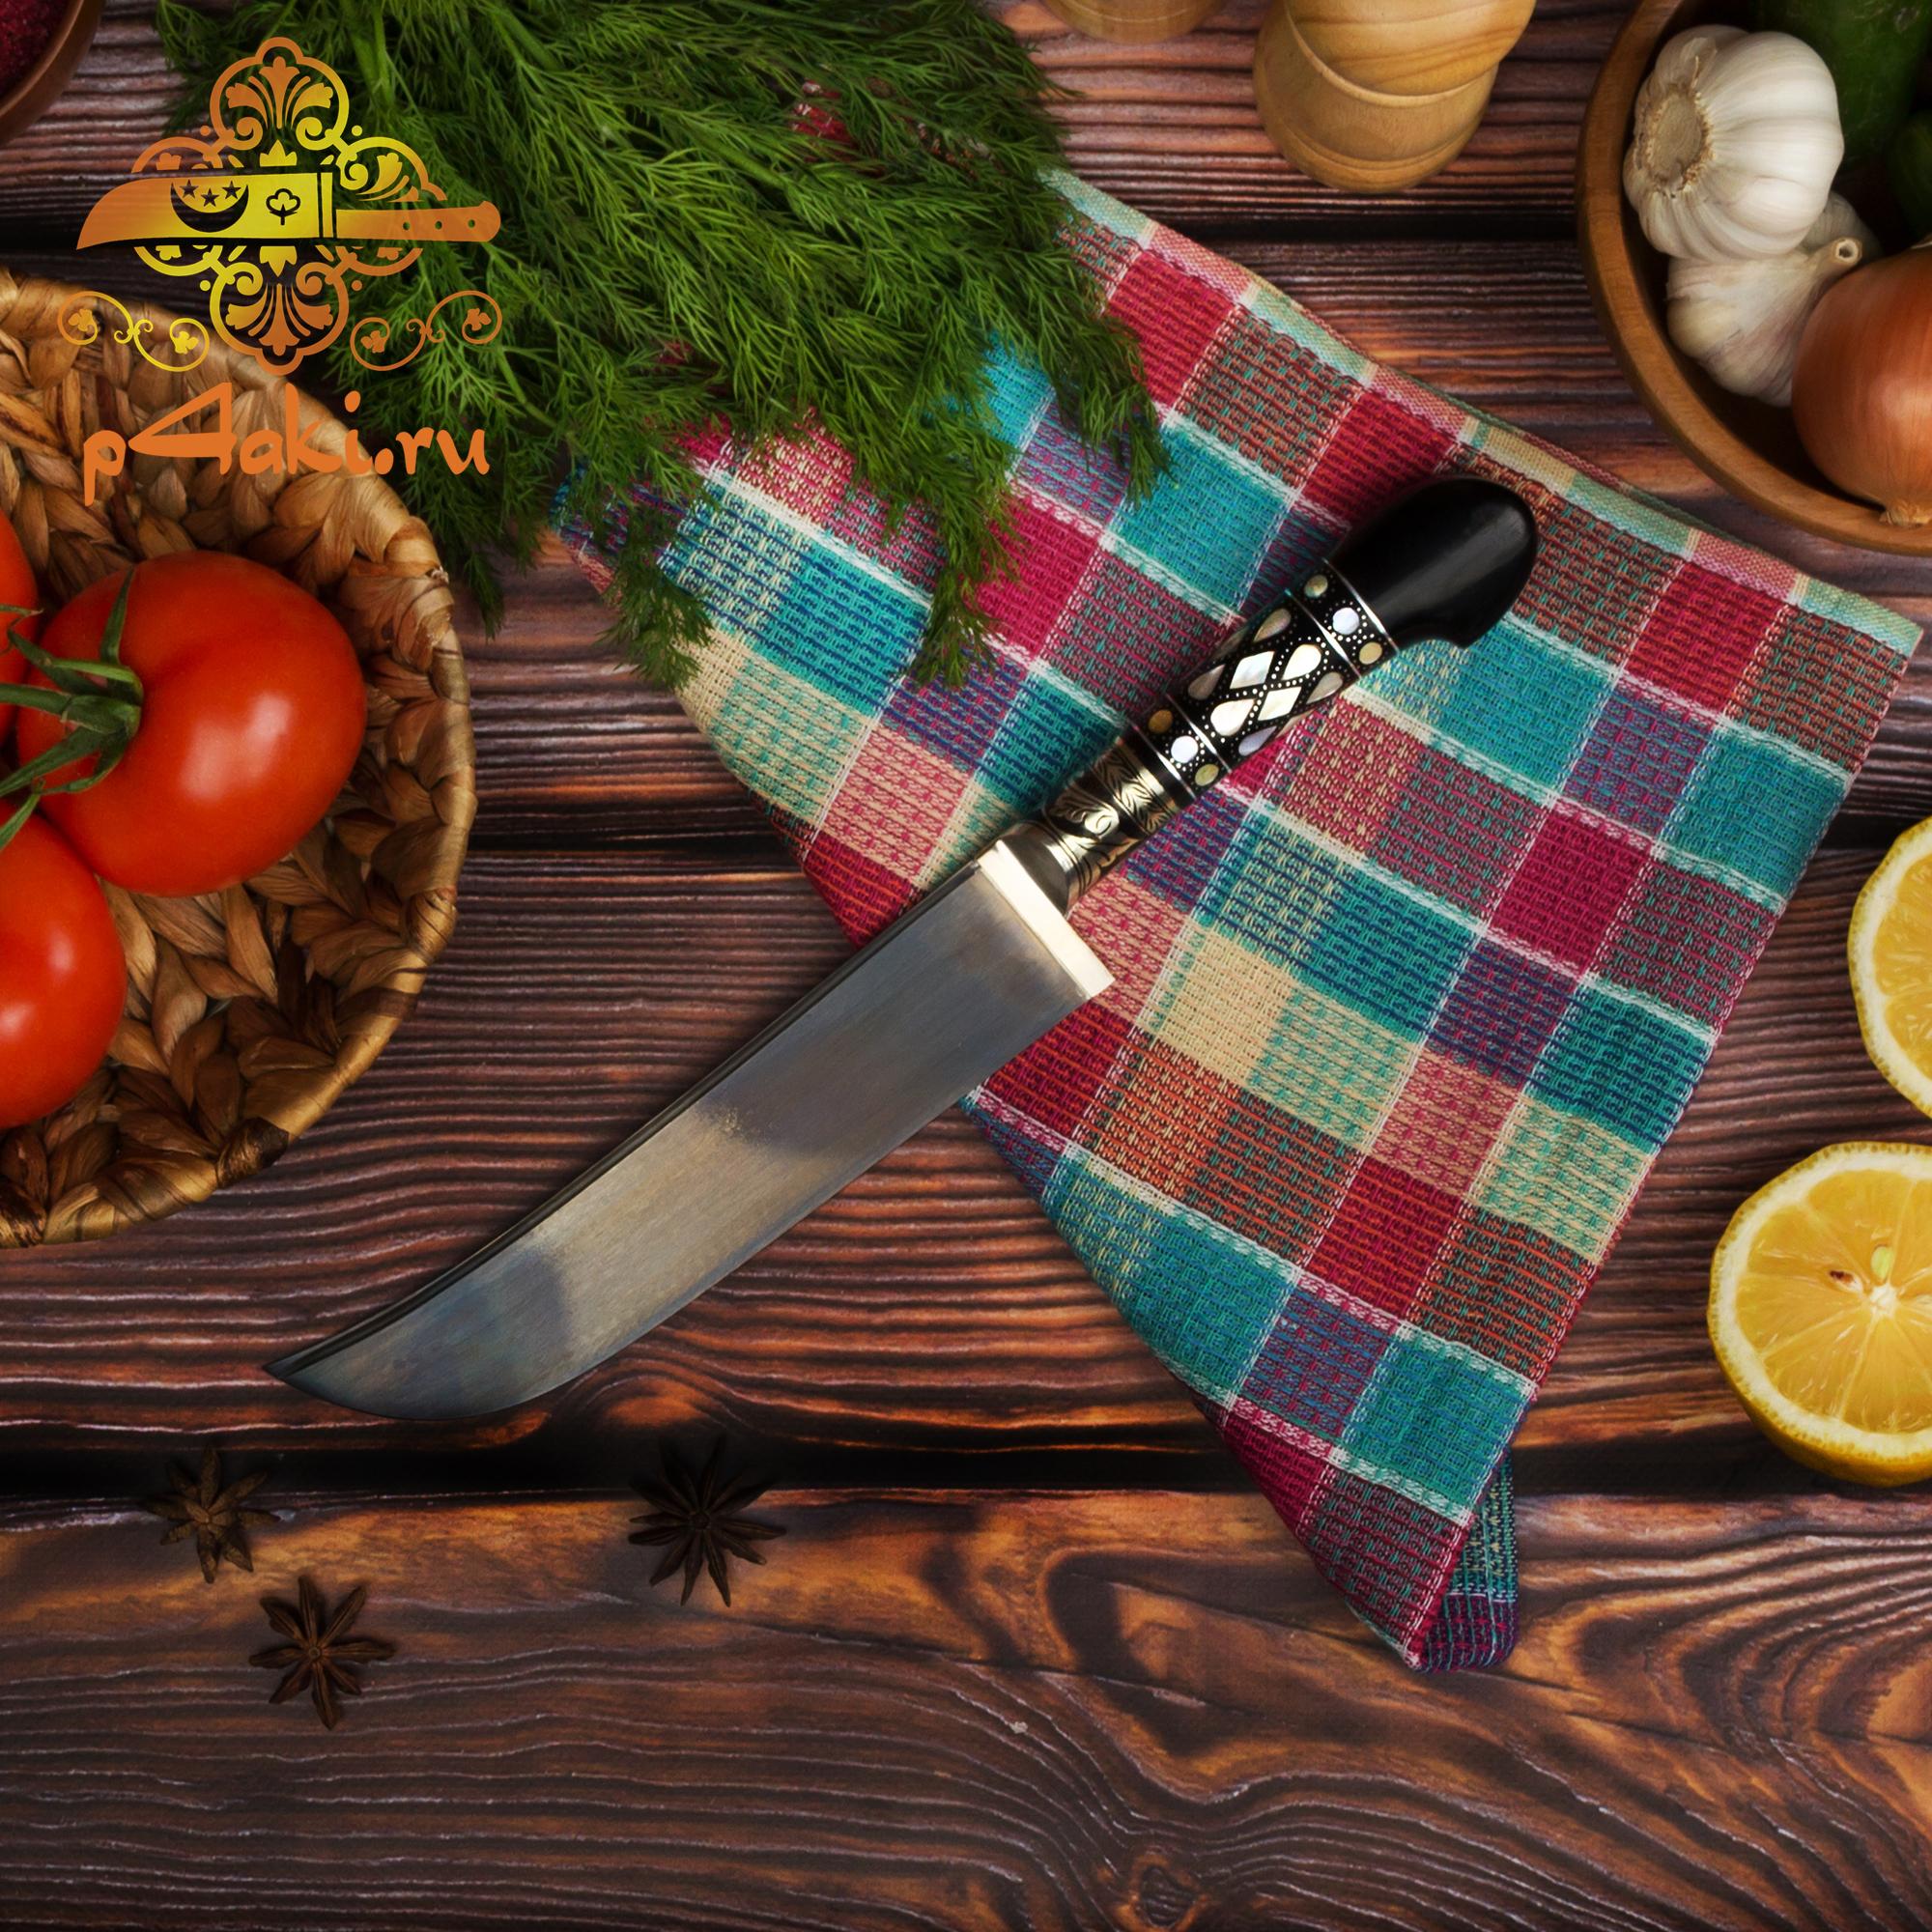 Нож Хотч, рукоять эбонит (рукоять с накладным монтажом «Ерма доста») со вставками перламутра (садаф) и чермяхи